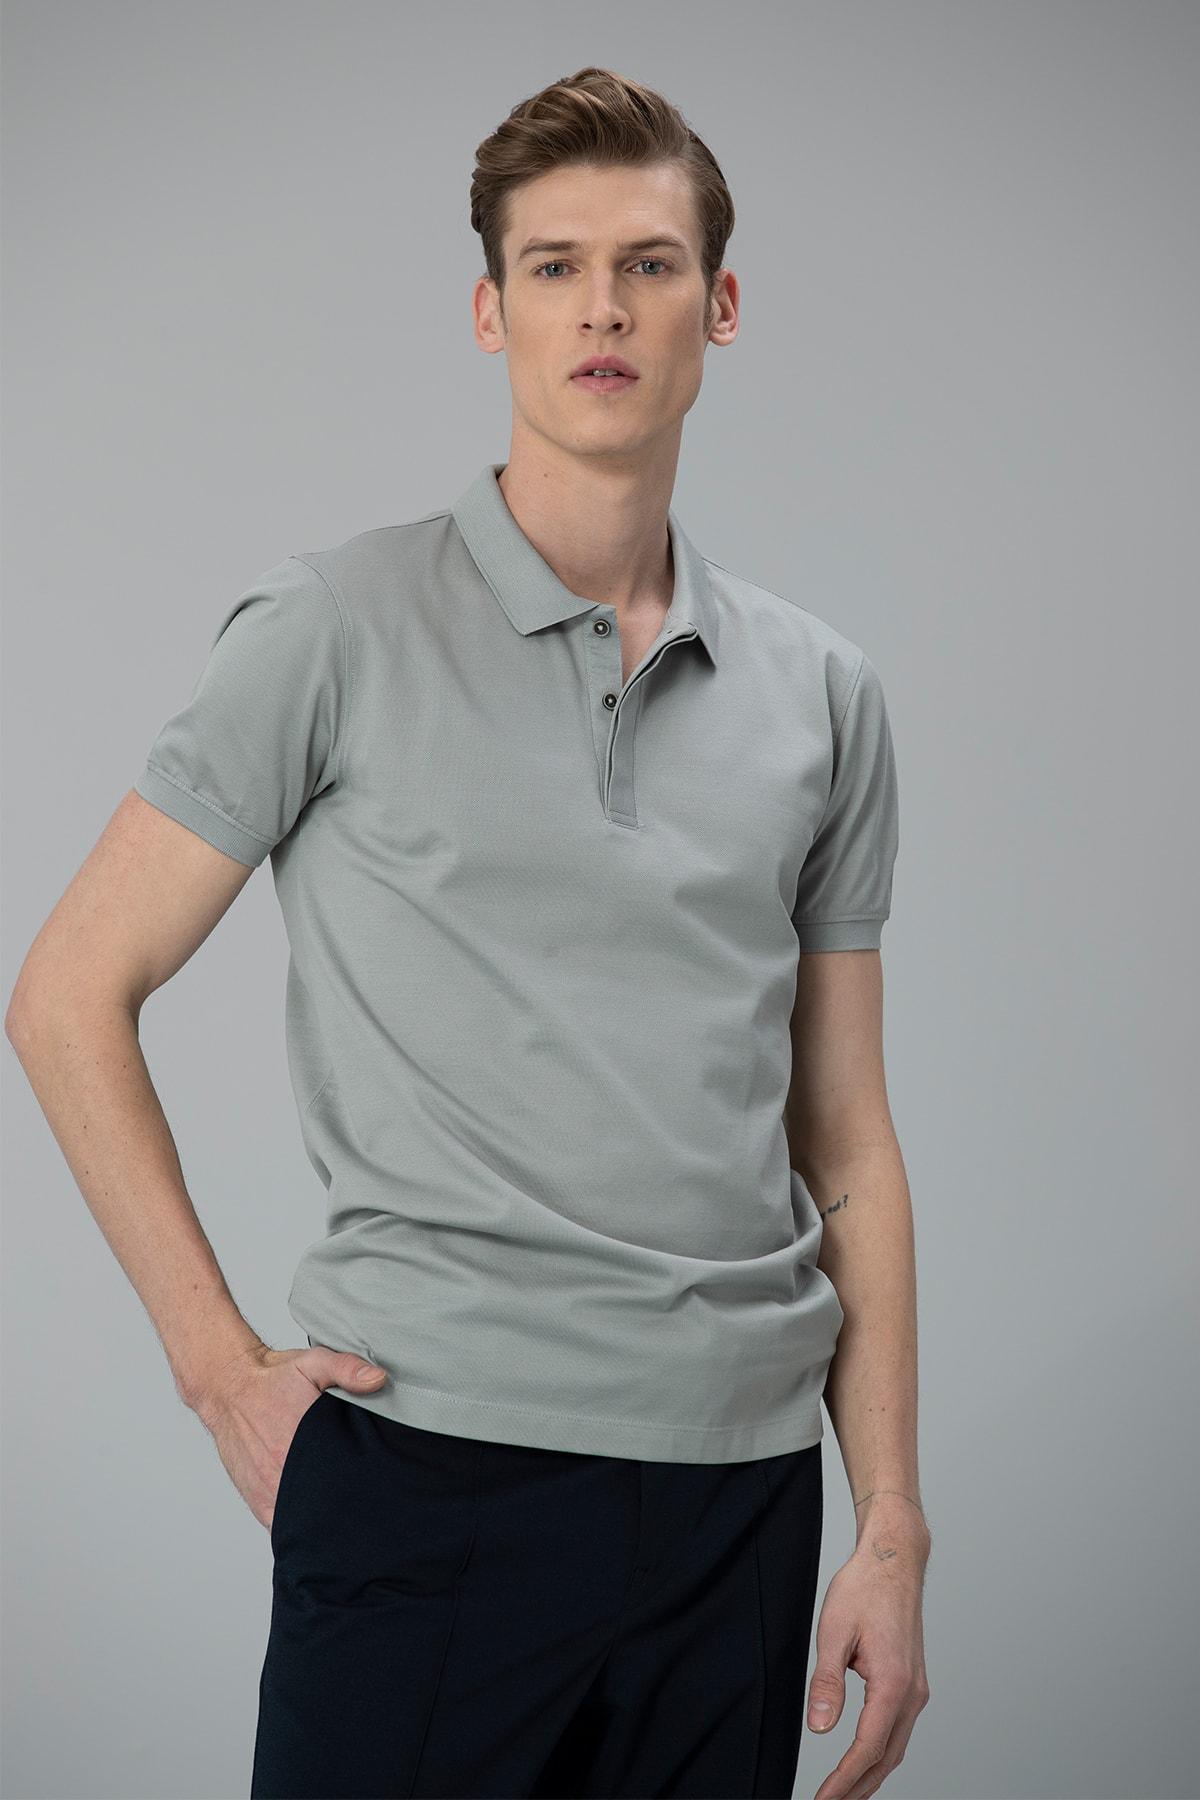 Lufian Biella Spor Polo T- Shirt Nane Yeşili